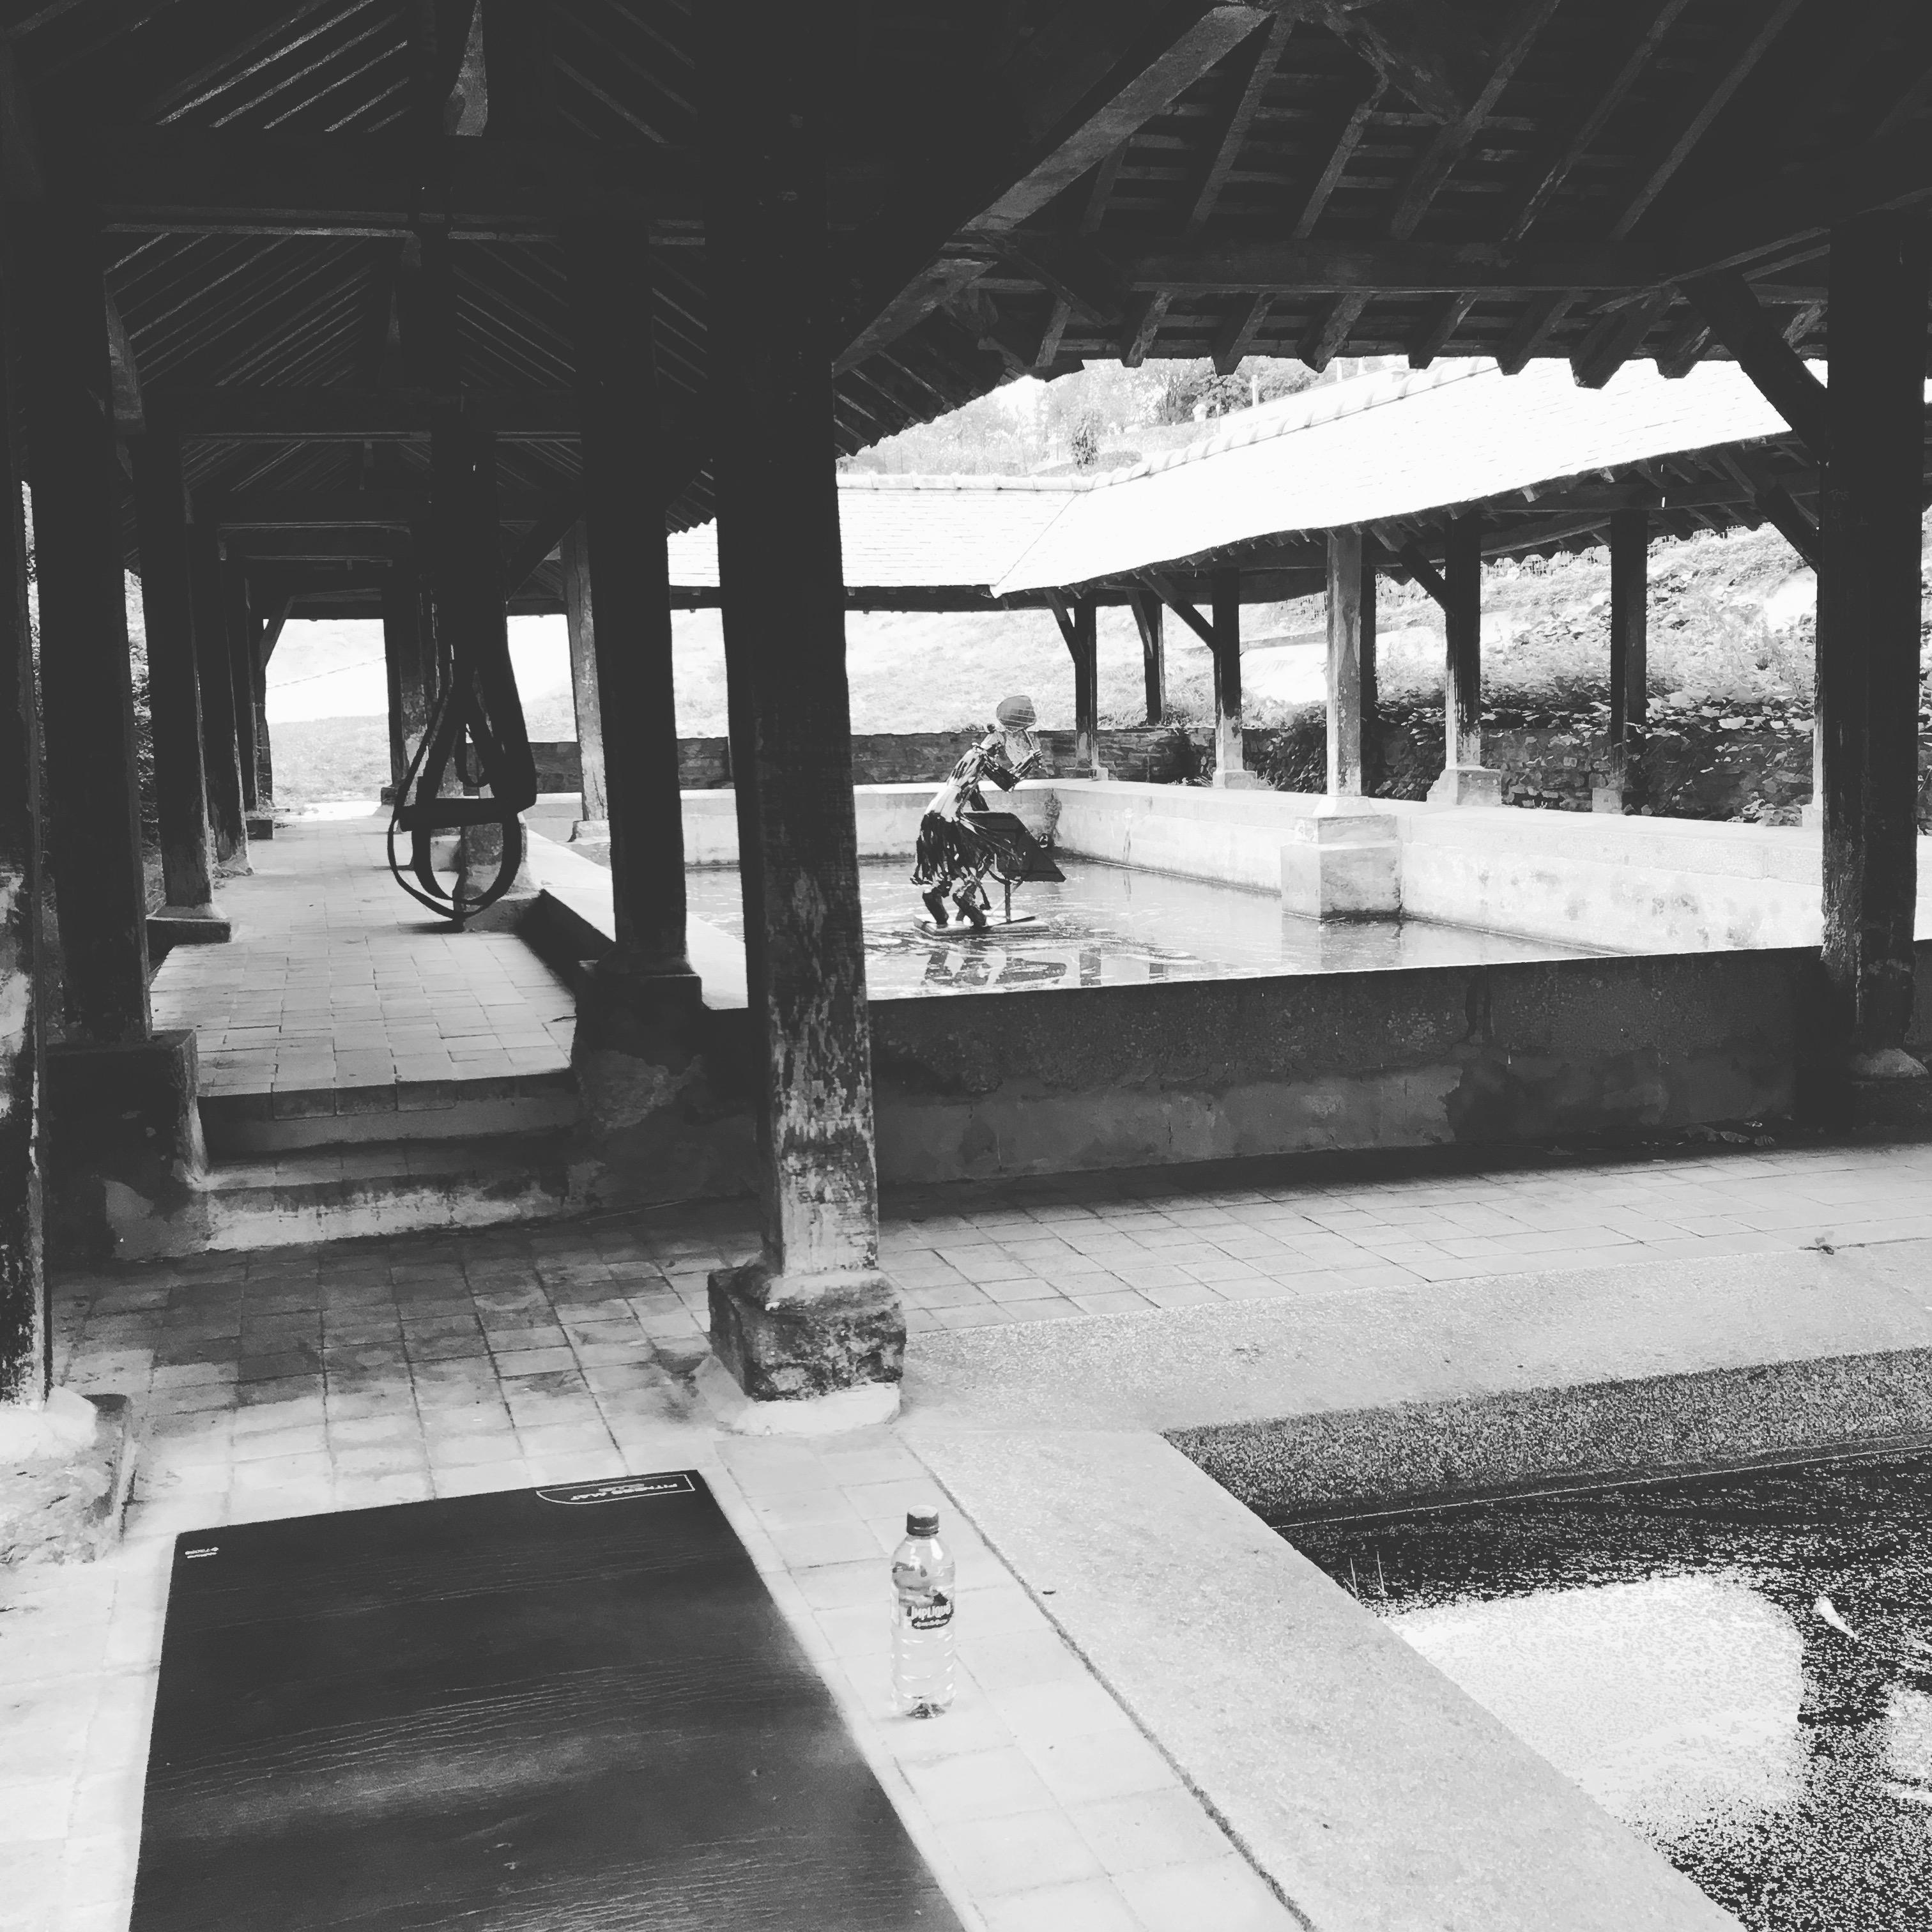 Coaching à bain de bretagne